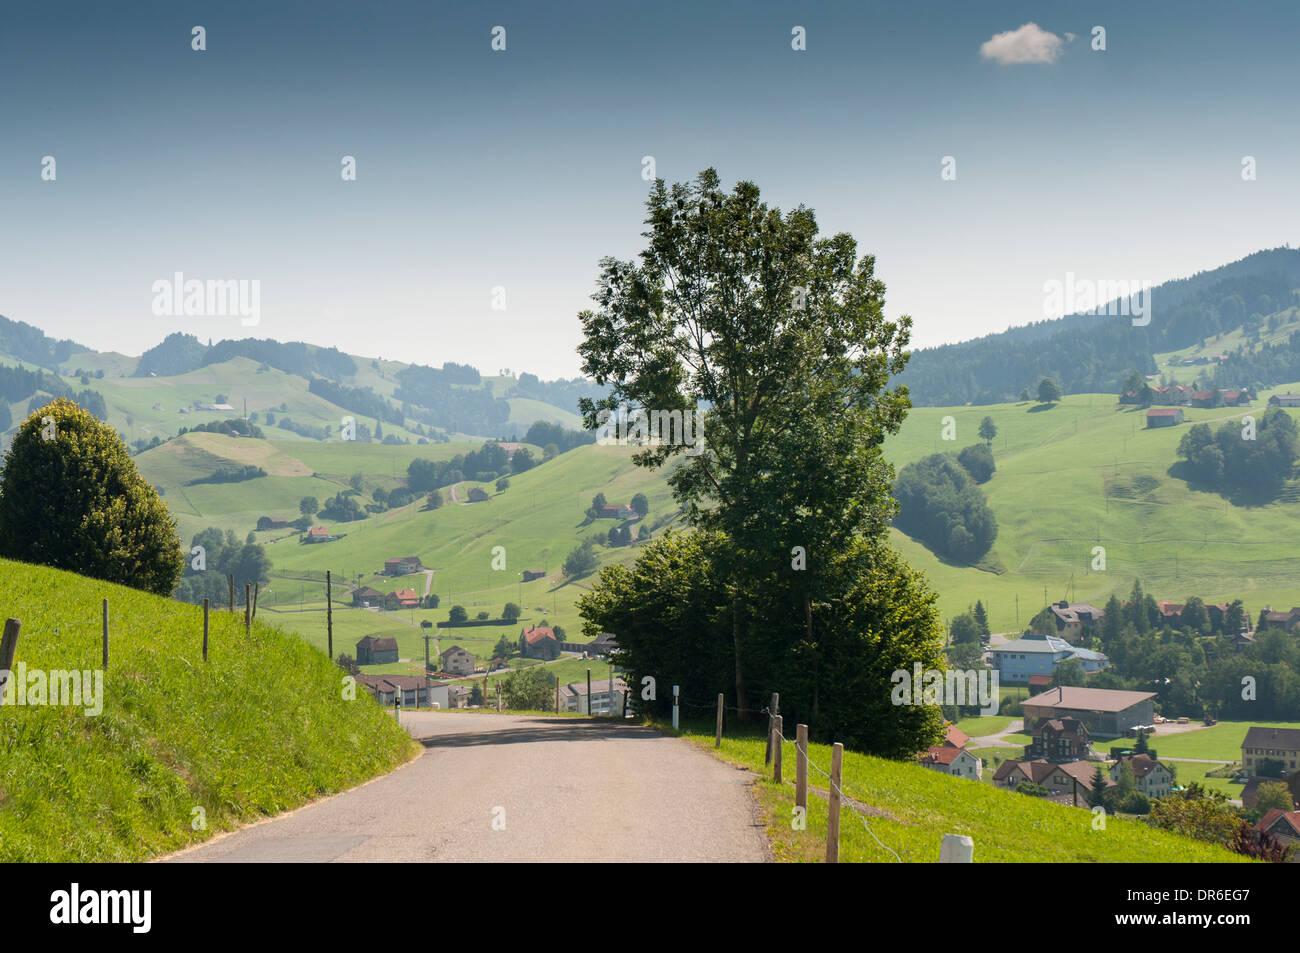 Radweg an der nationalen Radweg 4 (Alpenpanorama Route) zwischen Urnäsch und Bächli (Appenzeller Land) in den Schweizer Alpen Stockbild